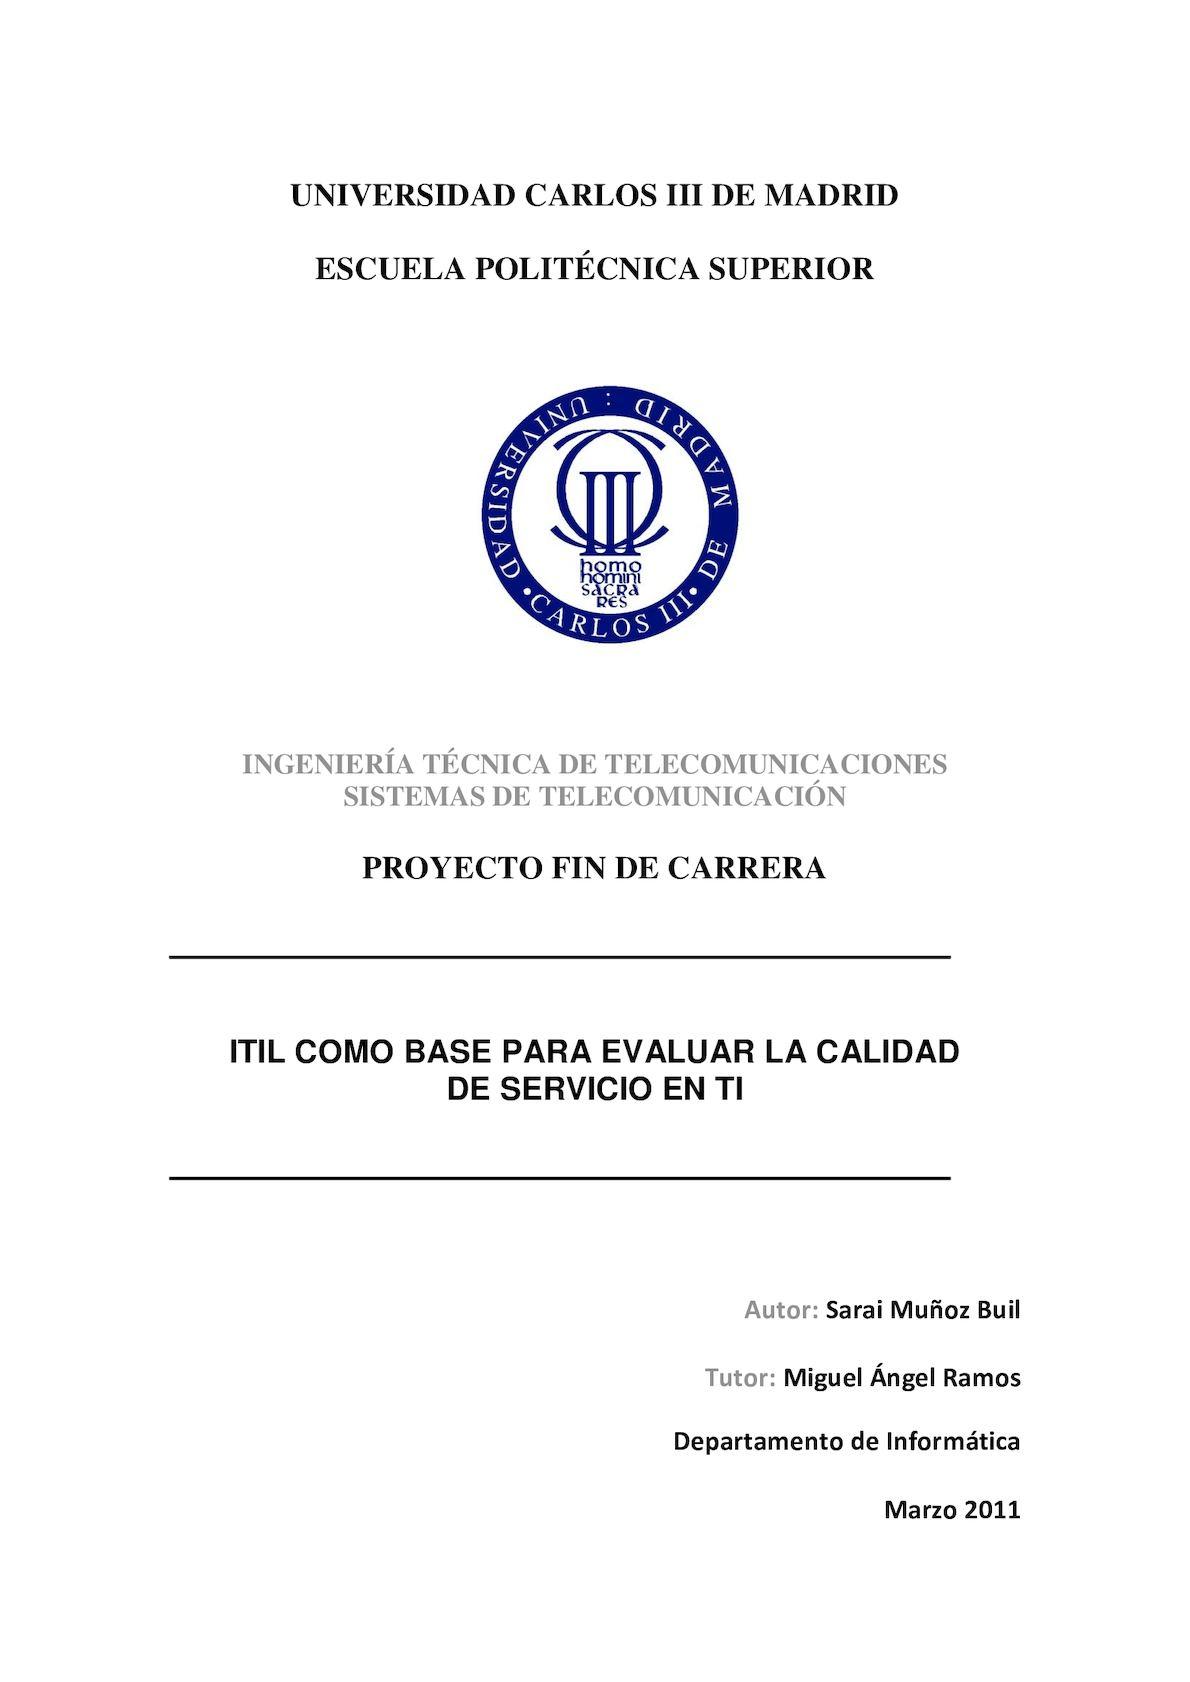 Calaméo - Itil Como Base Para Evaluar La Calidad Del Servicio En Ti V2